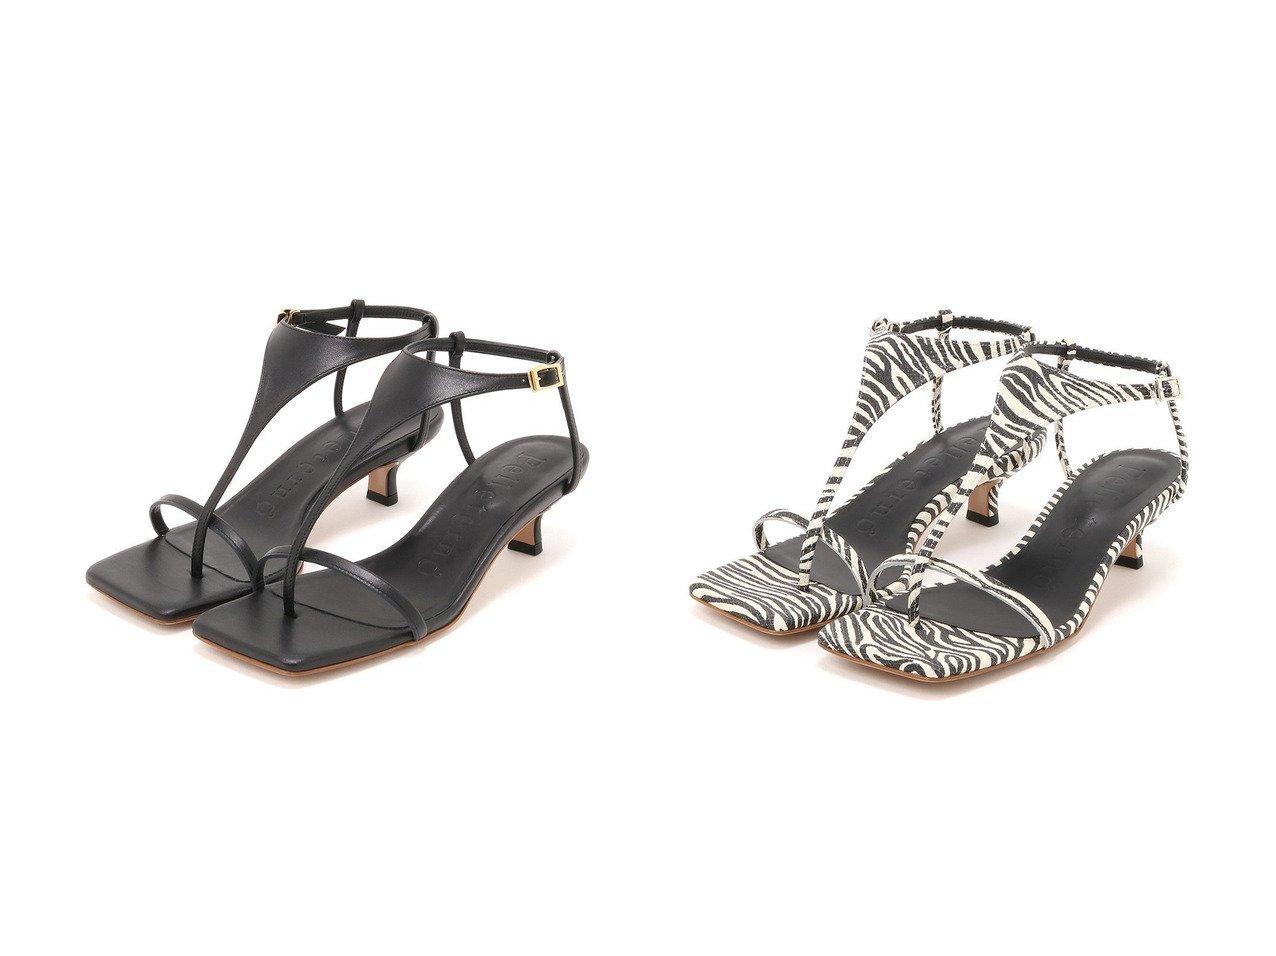 【Whim Gazette/ウィムガゼット】の【Pelleterno】別注ゼブラトングサンダル&【Pelleterno】別注トングサンダル 【シューズ・靴】おすすめ!人気、トレンド・レディースファッションの通販 おすすめで人気の流行・トレンド、ファッションの通販商品 メンズファッション・キッズファッション・インテリア・家具・レディースファッション・服の通販 founy(ファニー) https://founy.com/ ファッション Fashion レディースファッション WOMEN サンダル ストラップサンダル 別注 |ID:crp329100000031432